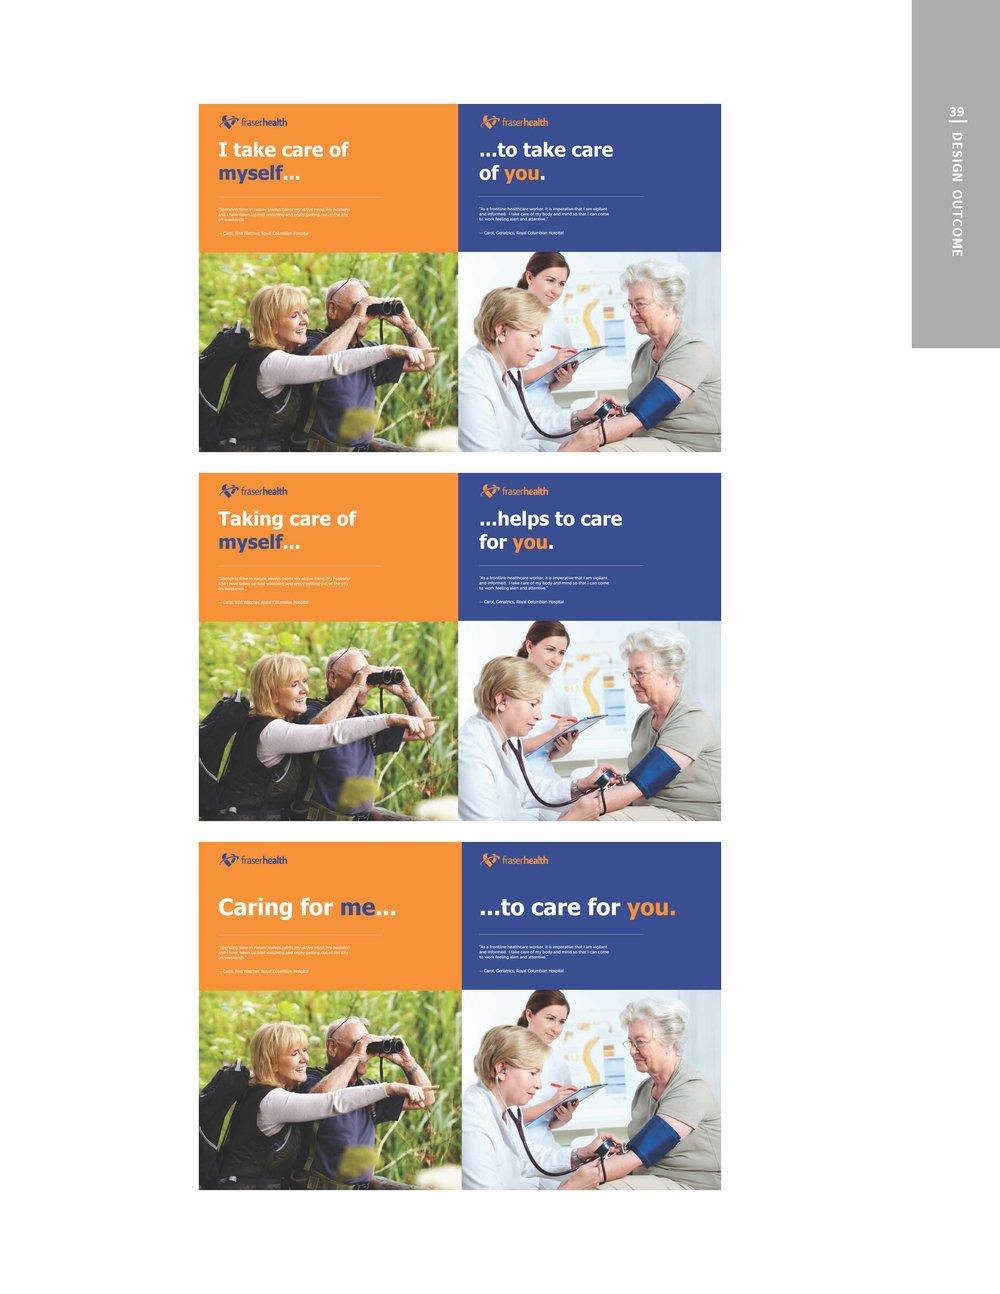 Copy of HDL_Fraser_Health_V4_Page_39.jpg